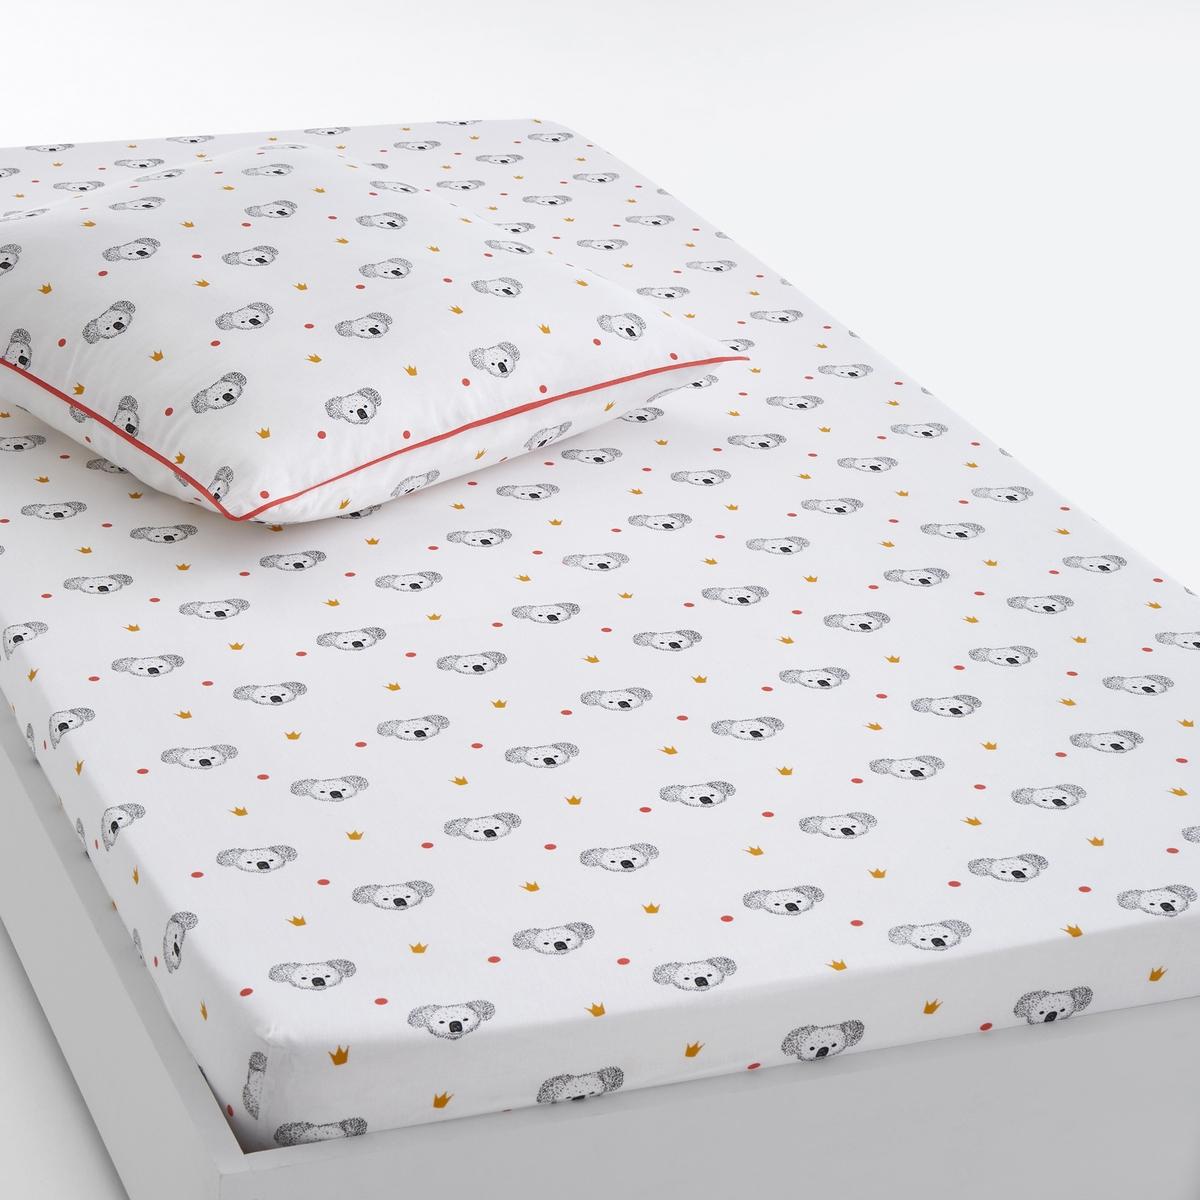 Простыня натяжная с рисунком KOALAХарактеристики натяжной простыни с рисунком Koala:100% хлопок, 57 нитей/cм?: чем больше количество нитей на см?, тем выше качество материала.Сплошной принтЛегкость ухода.Машинная стирка при 60 °С.Всю коллекцию постельного белья Koala вы можете найти на сайте laredoute.ru.Знак Oeko-Tex® гарантирует, что товары прошли проверку и были изготовлены без применения вредных для здоровья человека веществ.Размер на выбор :90 x 140 см : раскладная кровать90 x 190 см : 1-сп.<br><br>Цвет: белый/ черный